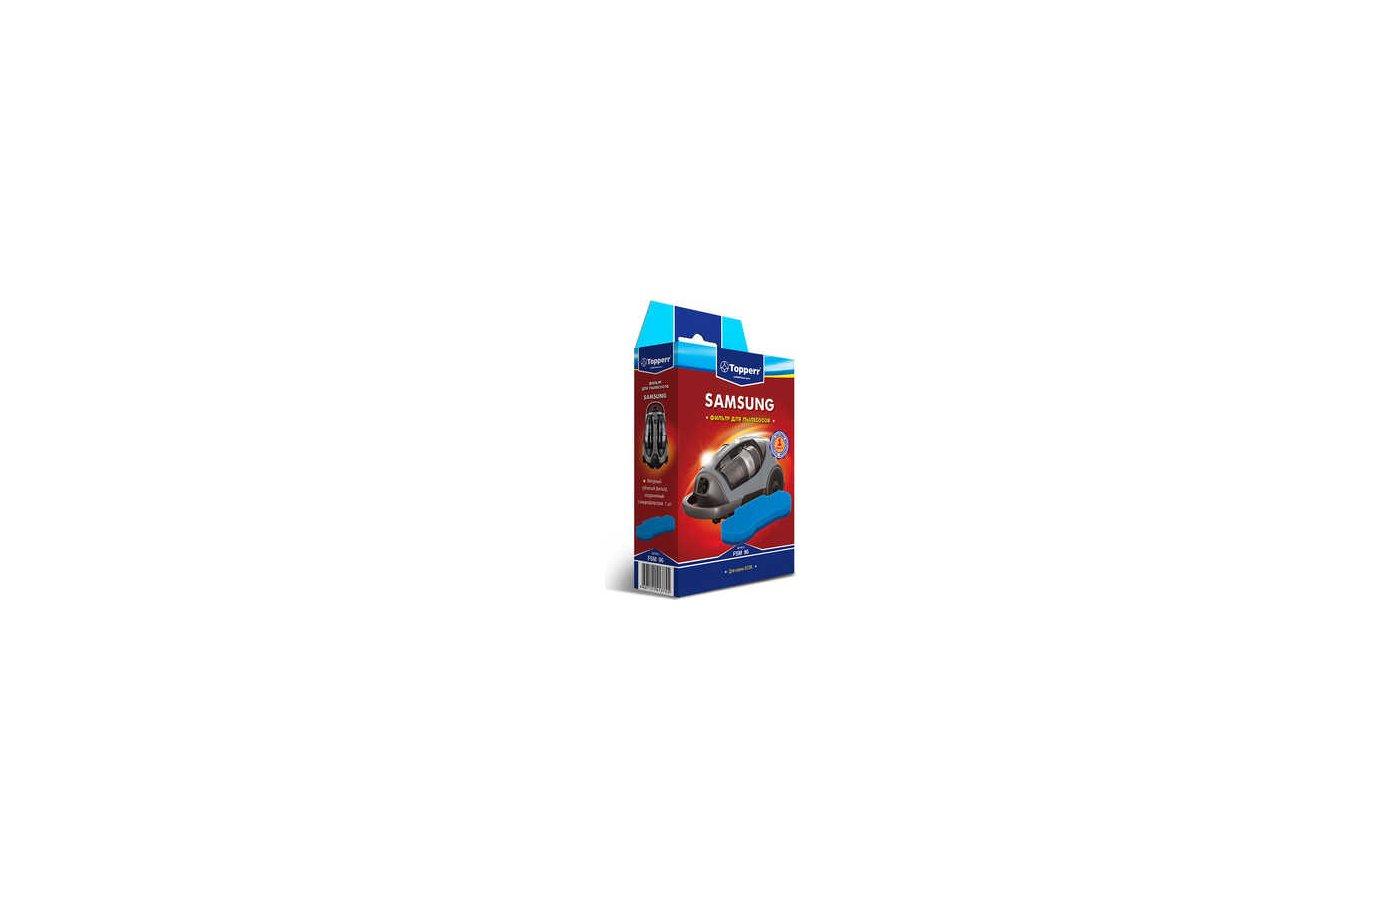 Фильтр для пылесоса TOPPERR 1137 FSM 96 Фильтр д/пылесоса SAMSUNG SC9630-SC9635 SC9670-SC9677 (DJ63-01161B)